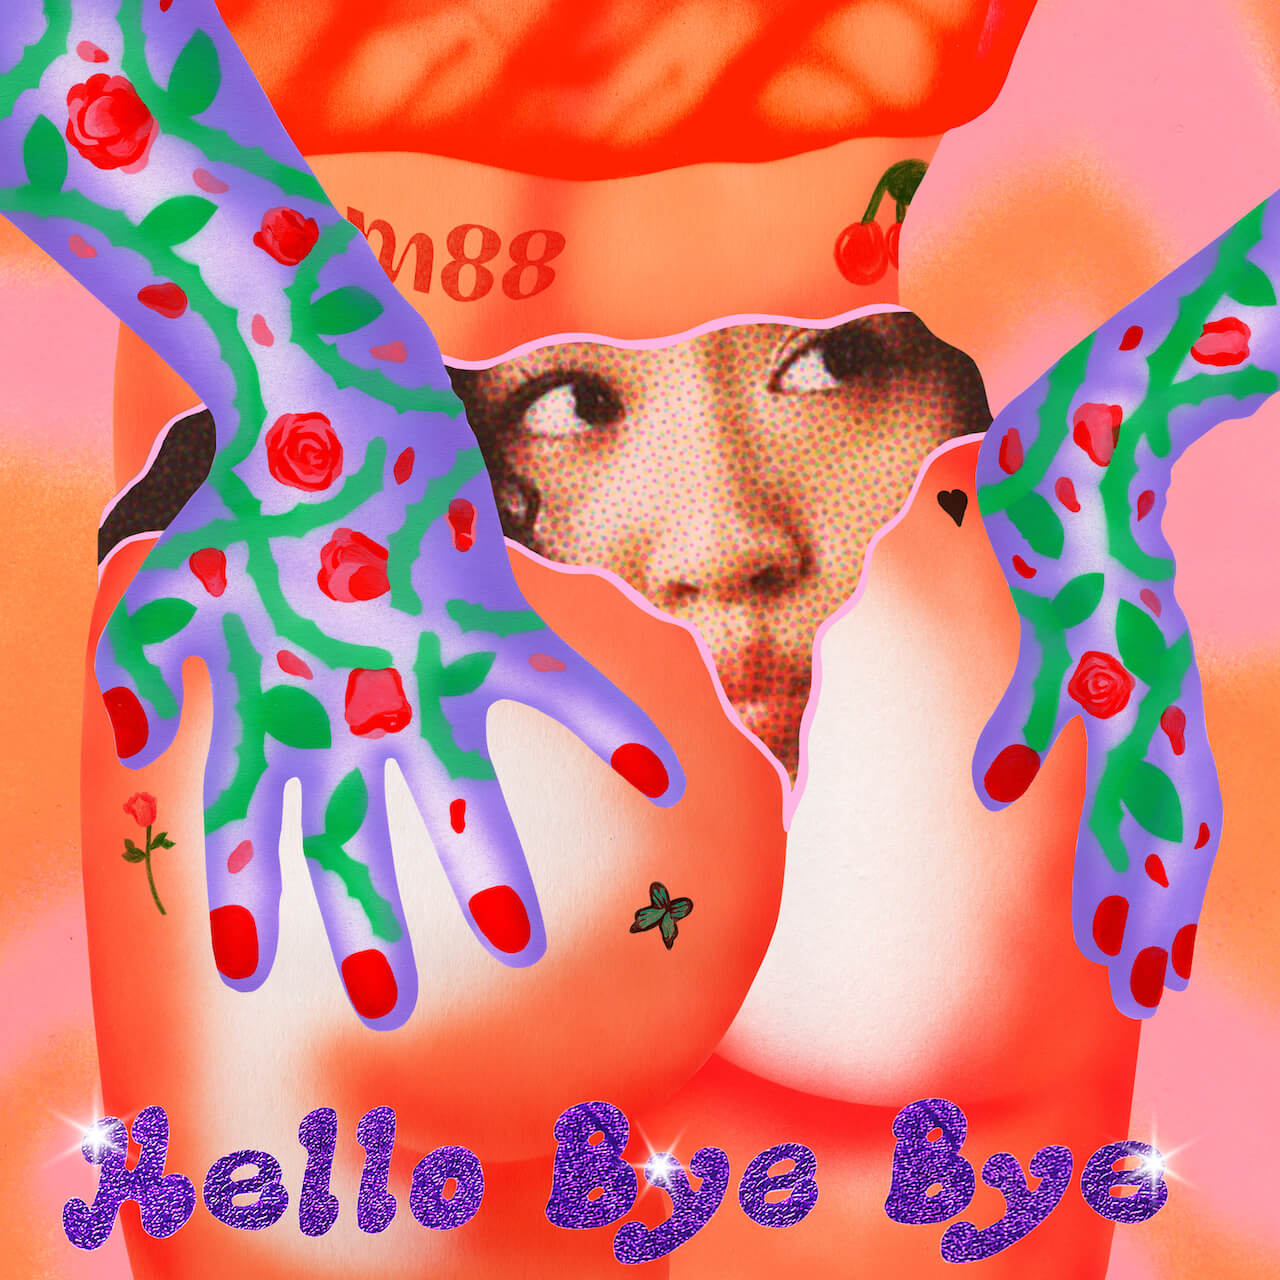 台湾出身の超注目R&Bシンガー9m88、すべての女性に捧げる新曲「Hello Bye Bye」を配信リリース music200714-9m88-2